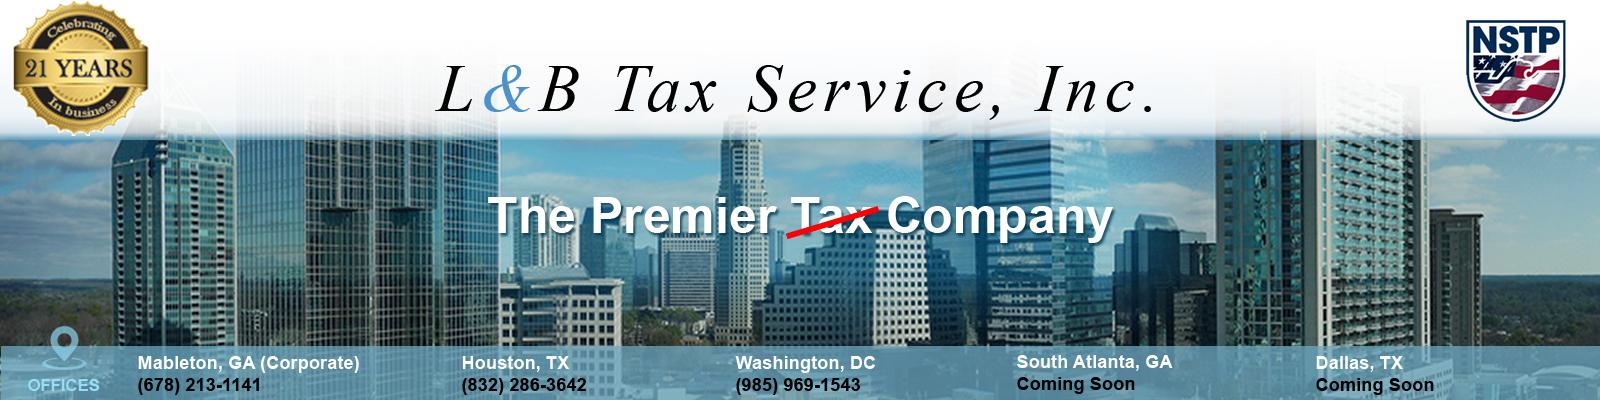 L&B Tax Service, Inc.